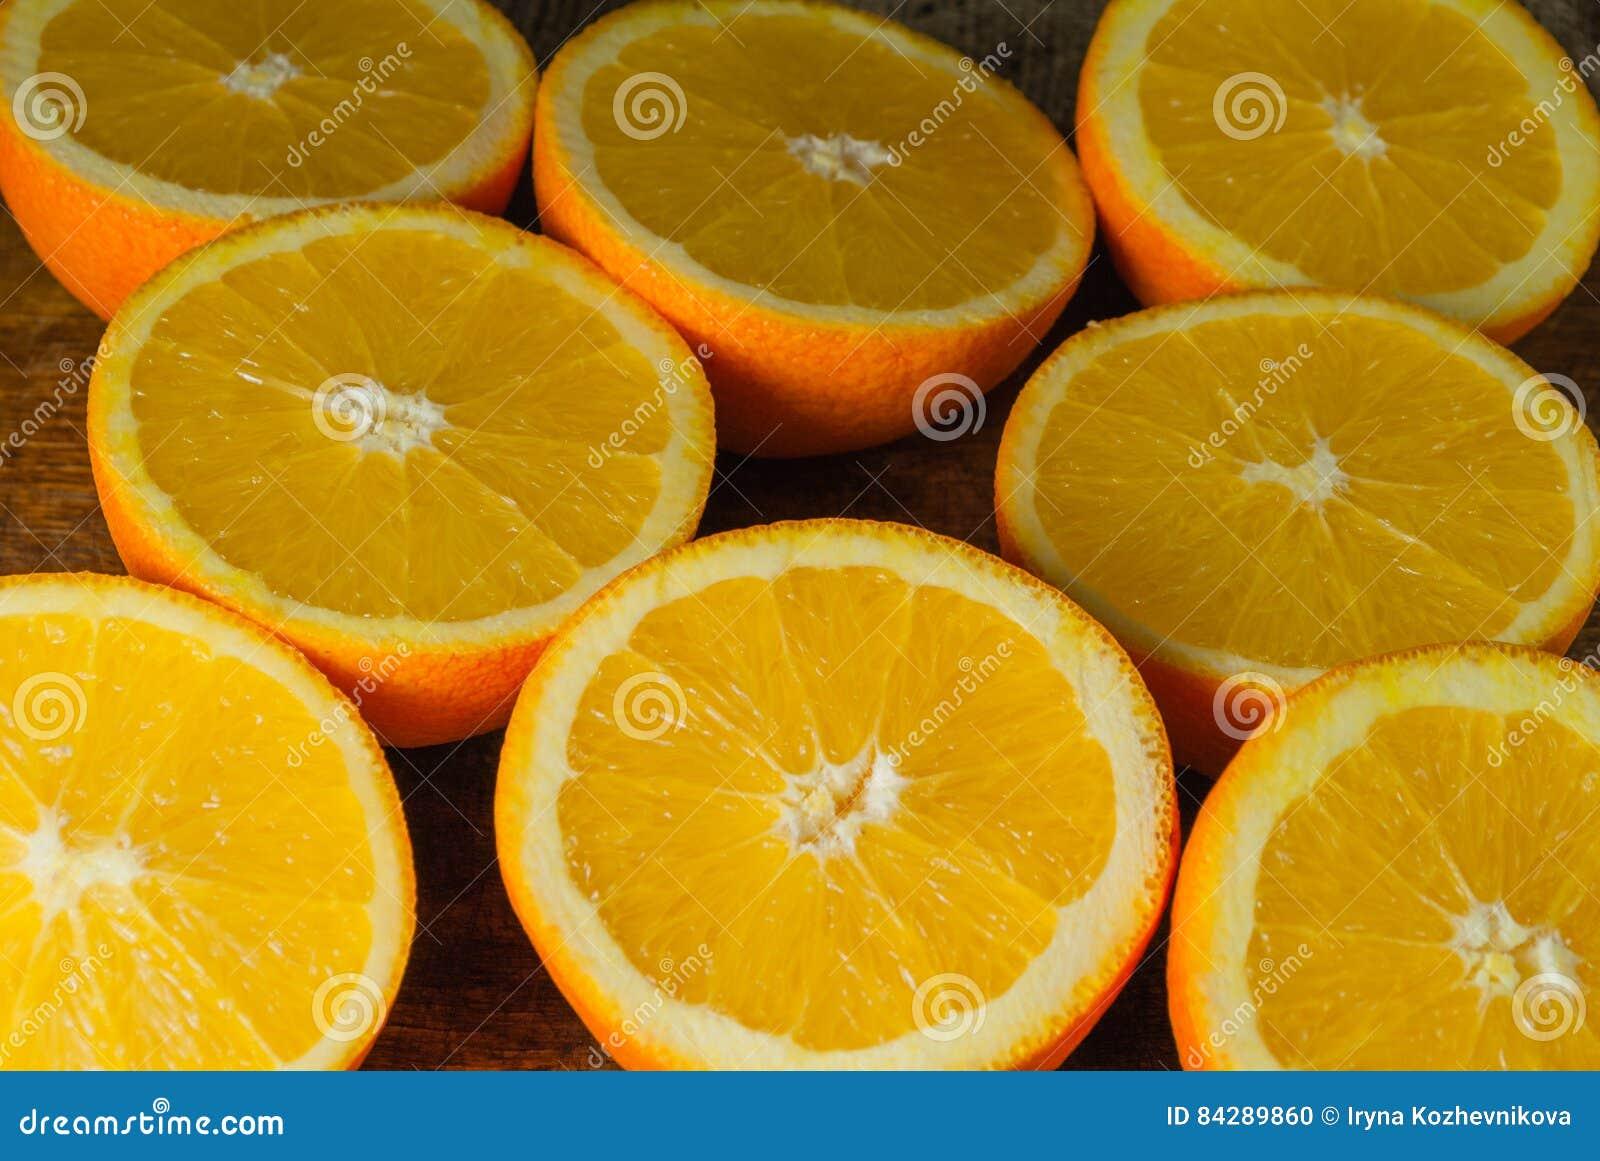 Φρούτα πορτοκαλιών και πορτοκαλιά φέτα στον ξύλινο πίνακα και το αναδρομικό ύφασμα